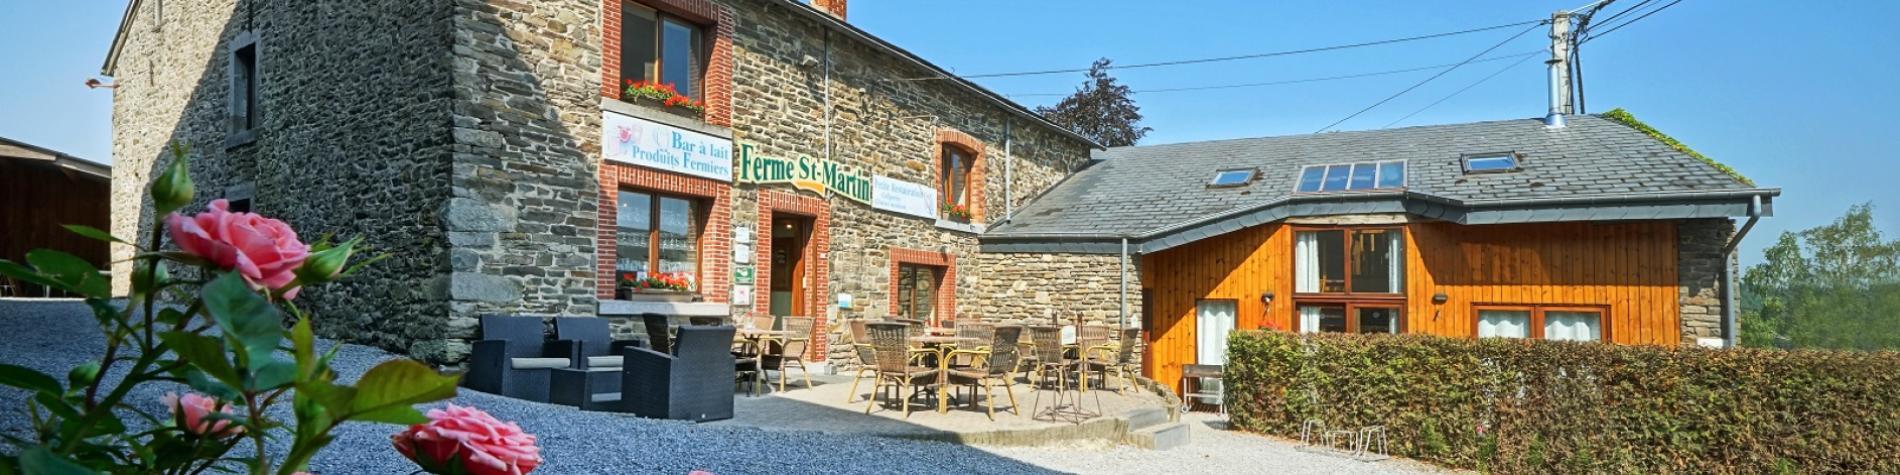 Maison d'hôtes - Ferme Saint-Martin - Malempré